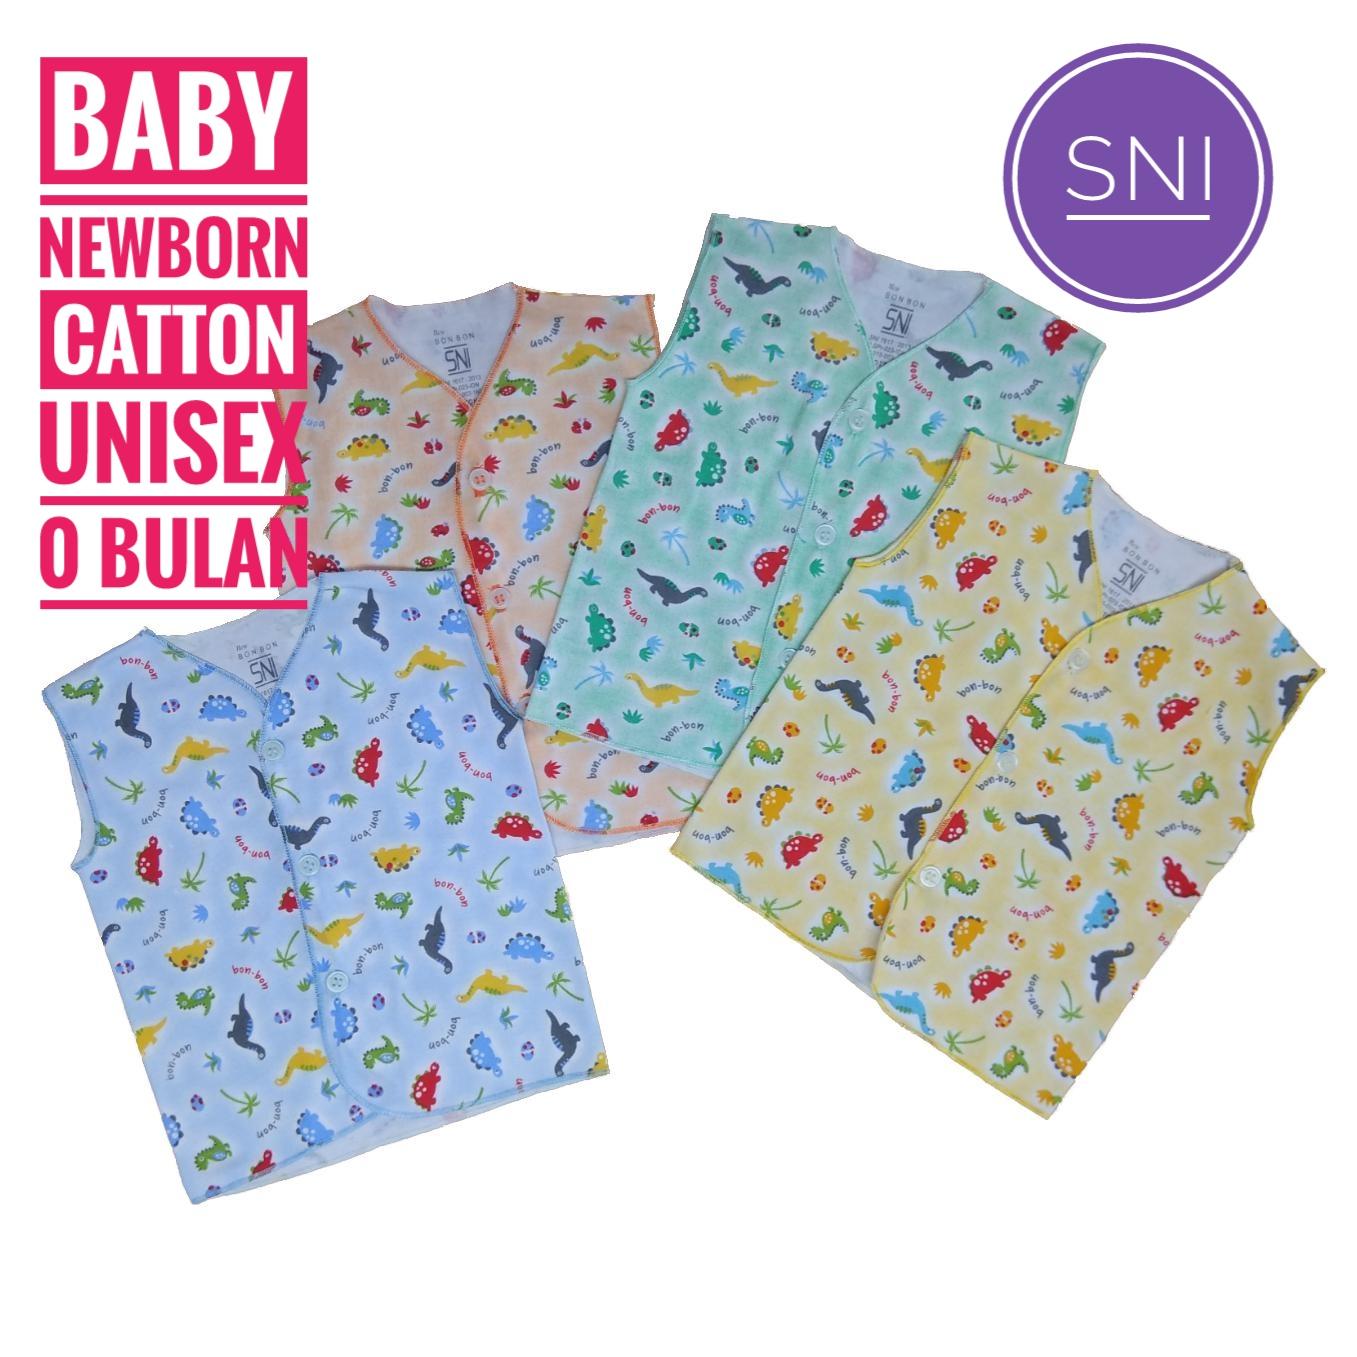 0857 9023 6868 Baju Bayi Lengan Pendek Atasan Katalog Kaos Anak Tangan Download Gambar Sni